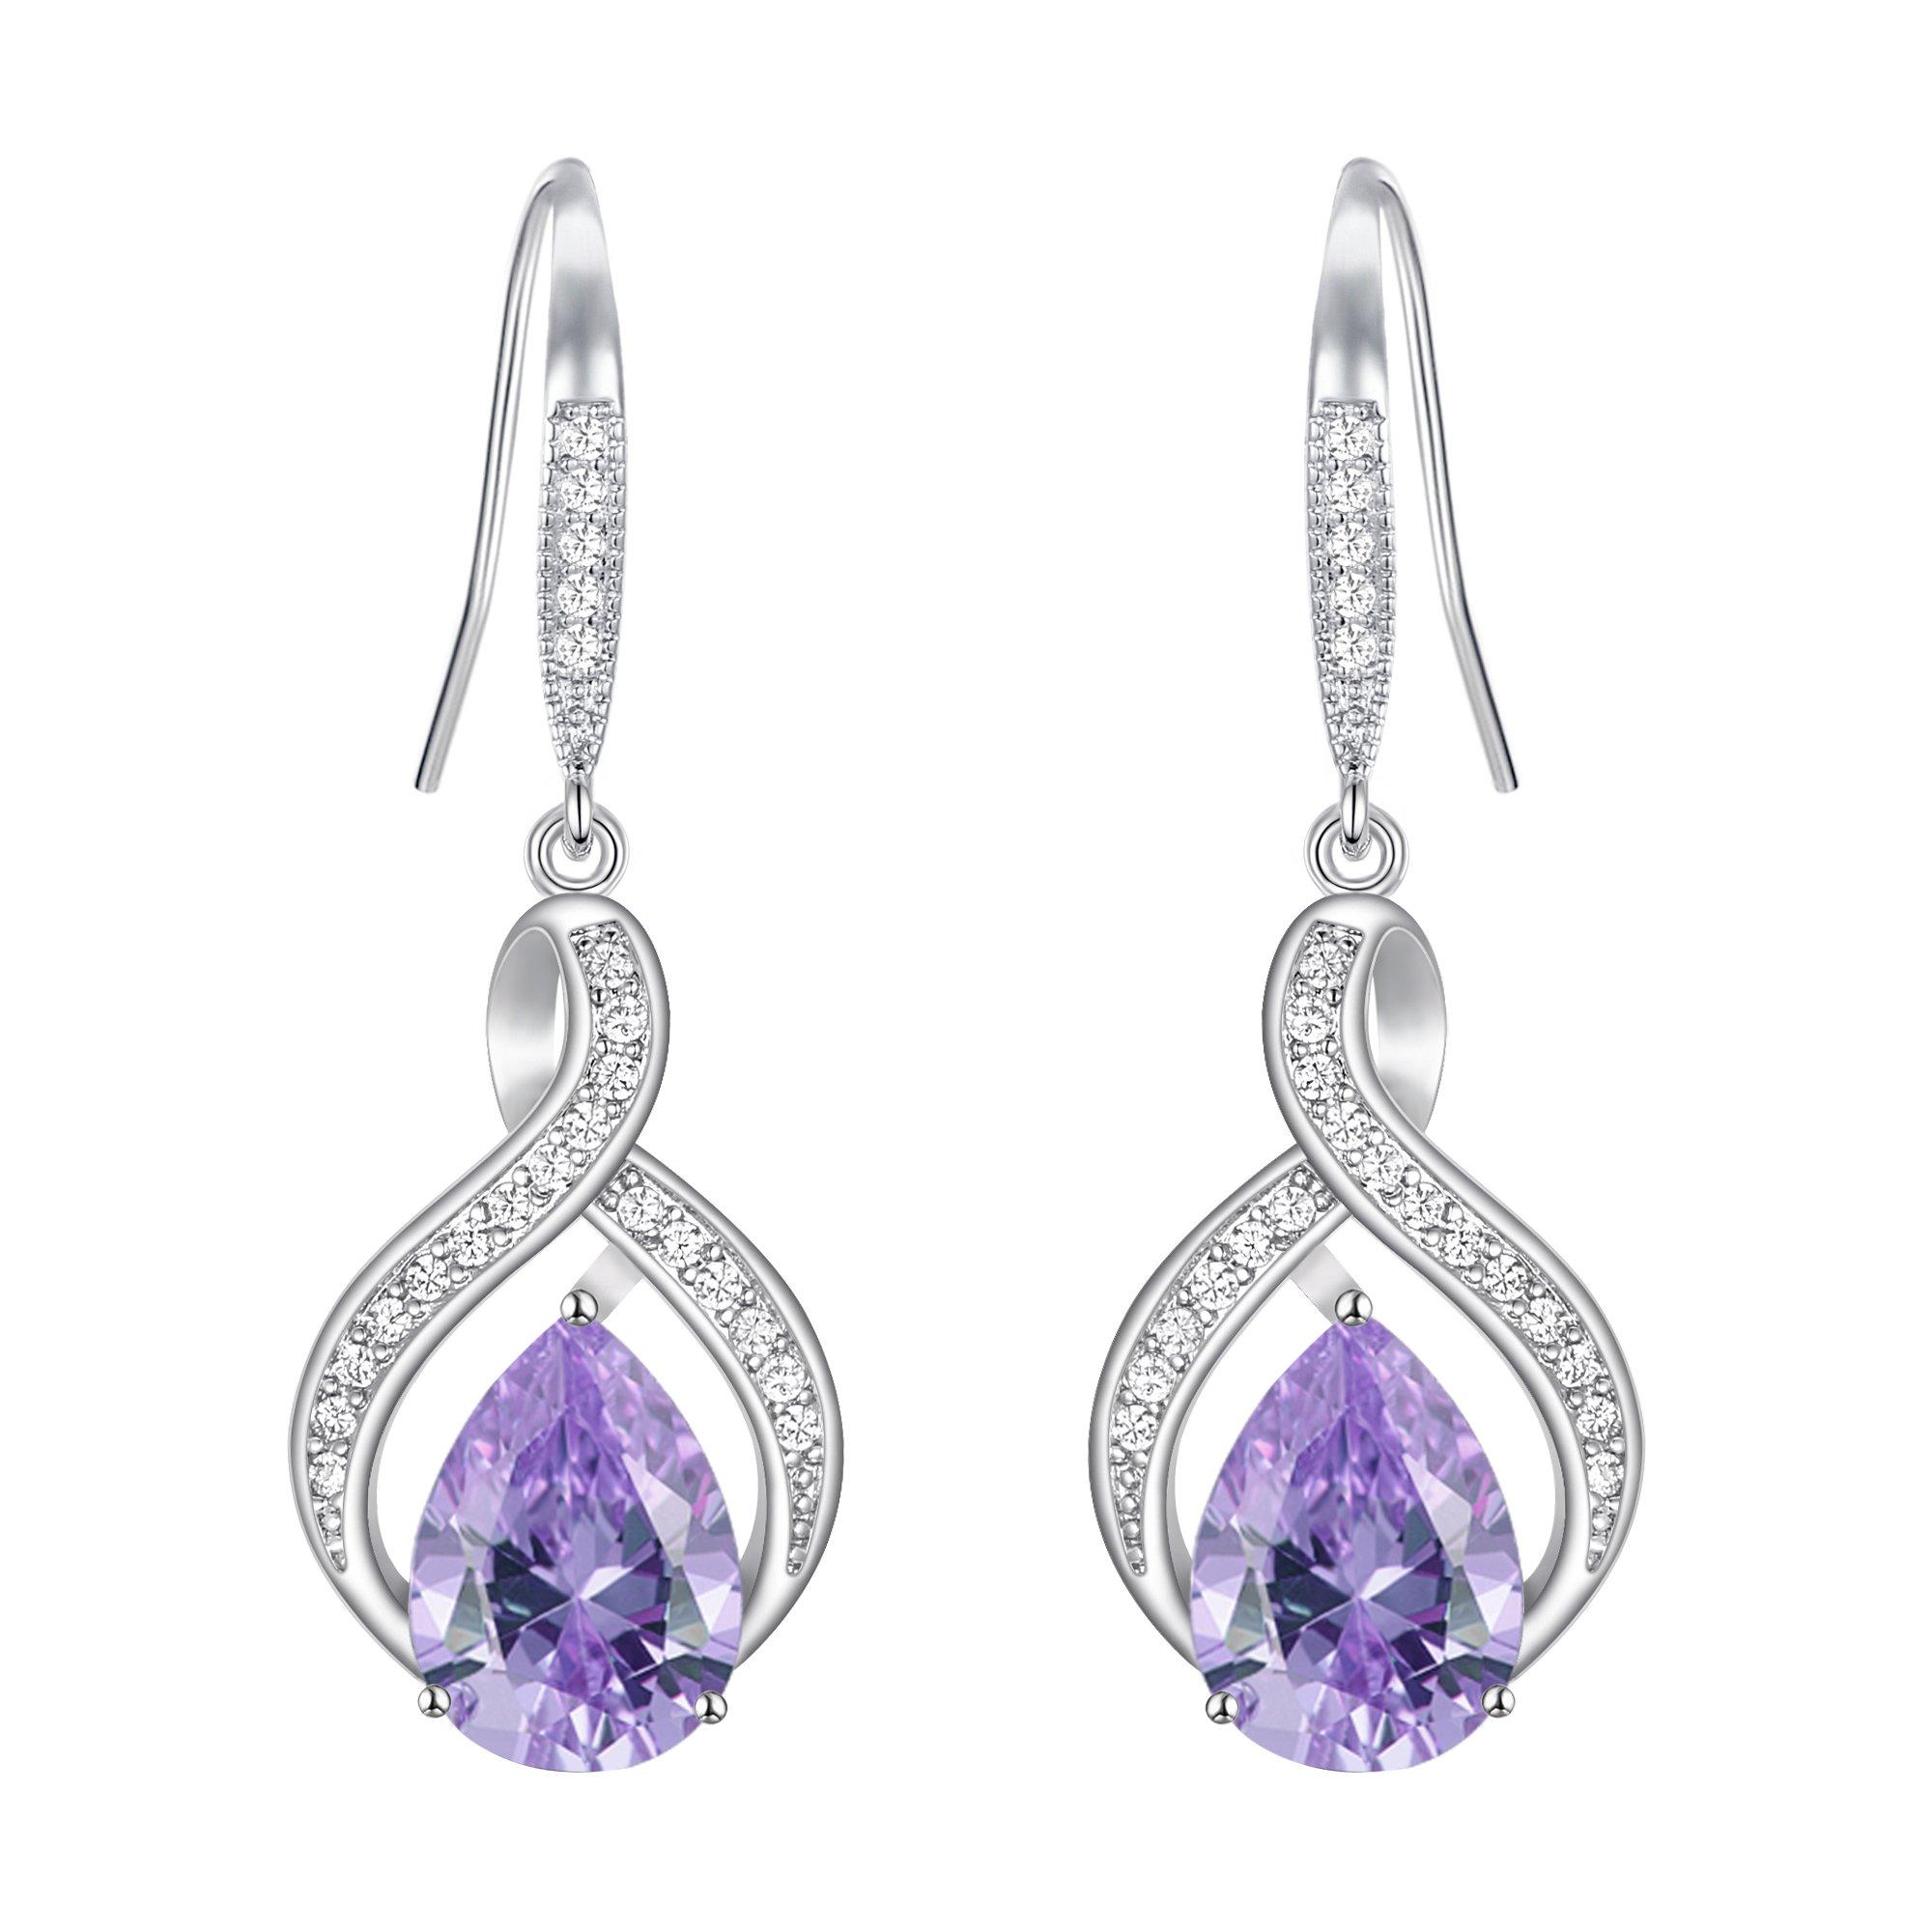 EVER FAITH Zircon Wedding Twist 8-shaped Infinity Teardrop Hook Dangle Earrings Purple Silver-Tone